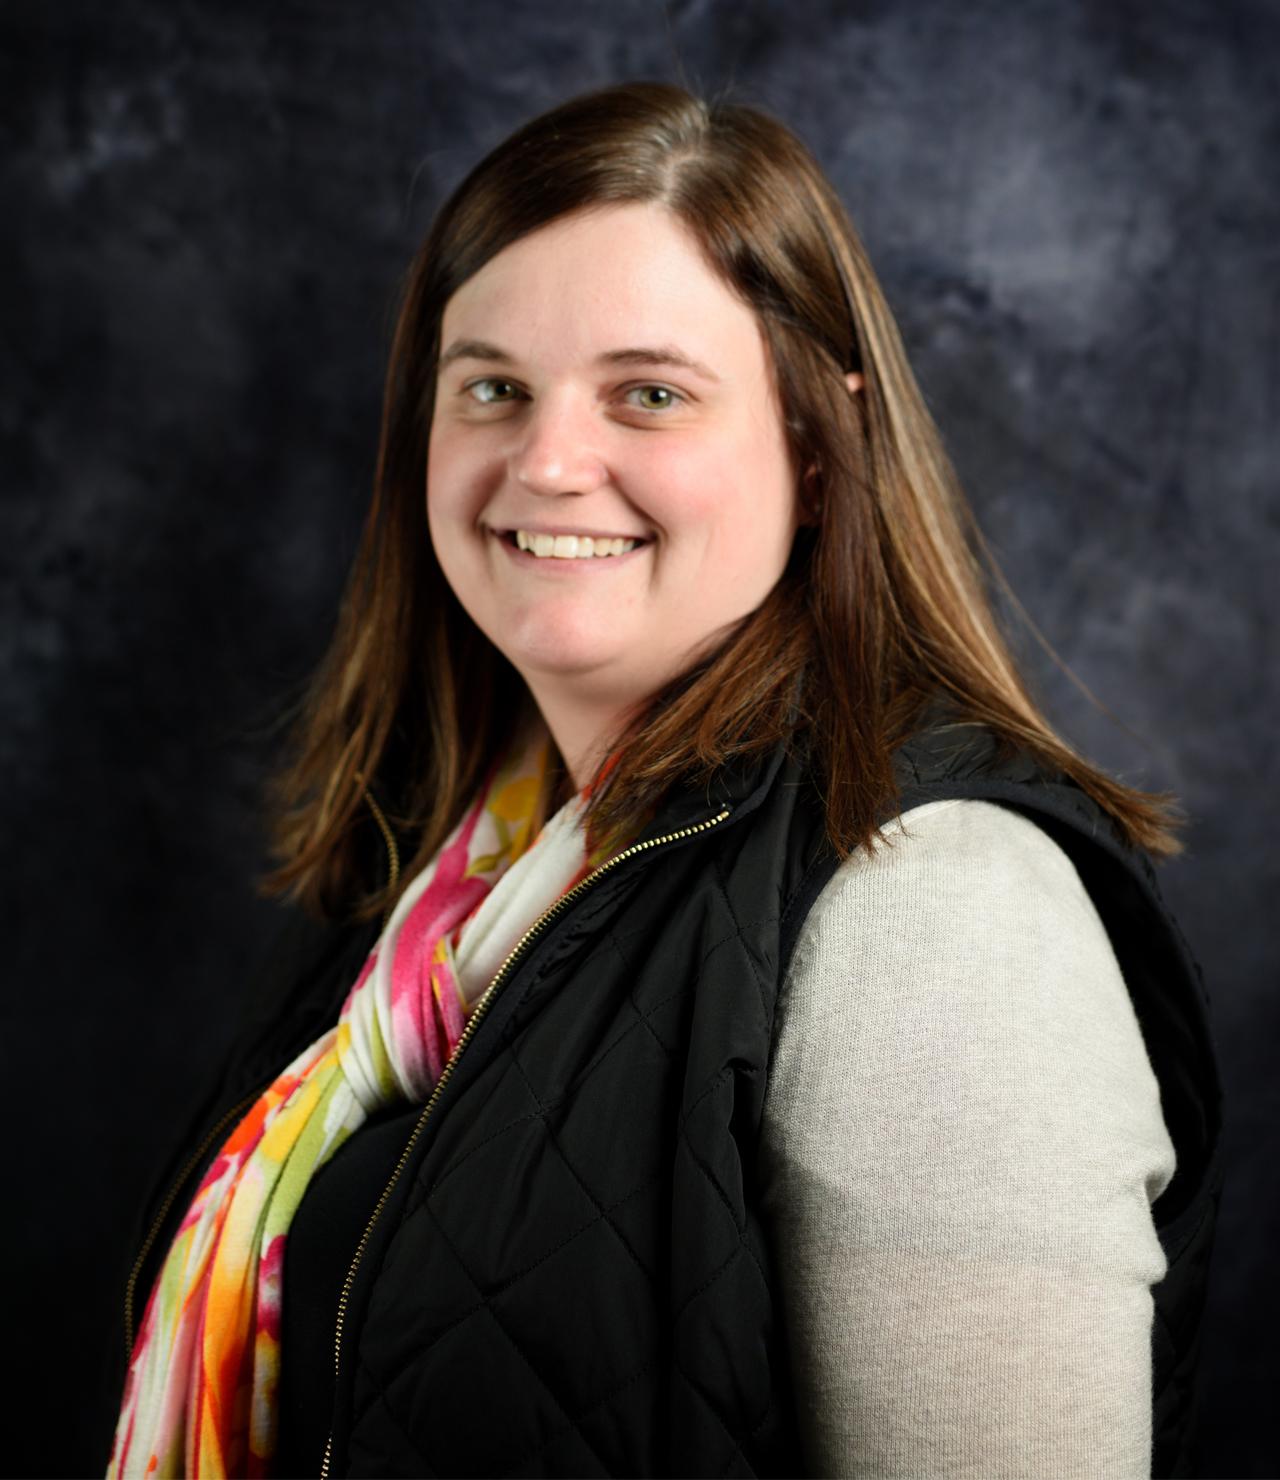 Pam Tetzlaff - Director of Children's Ministrypam@peacelutheran.com